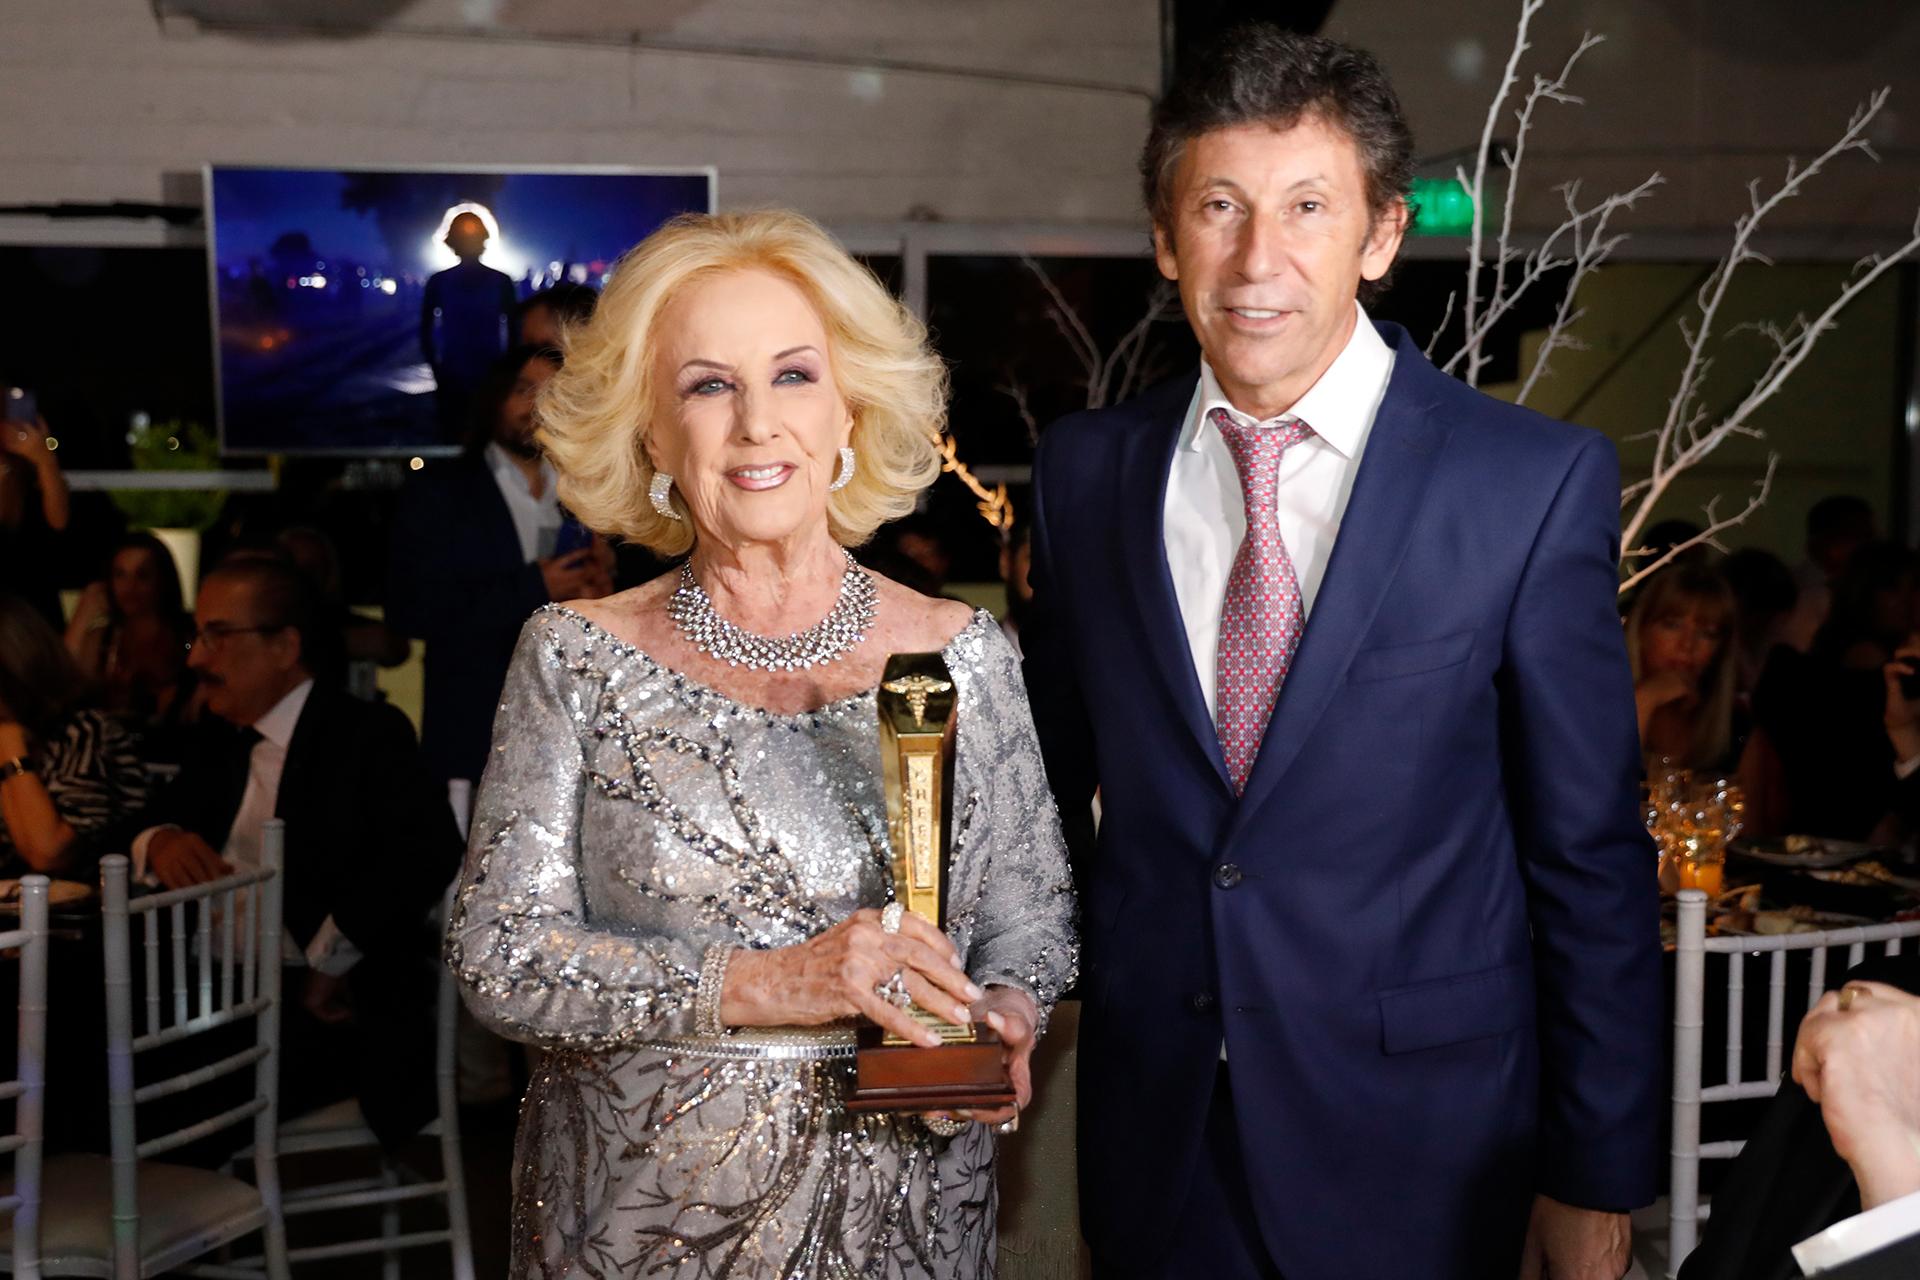 """Mirtha Legrand, invitada de lujo todos los años, fue distinguida con el premio """"Cheers de Oro"""" por su vocación de servicio y apoyo a instituciones de bien, el marco de sus 50 años de carrera televisiva"""